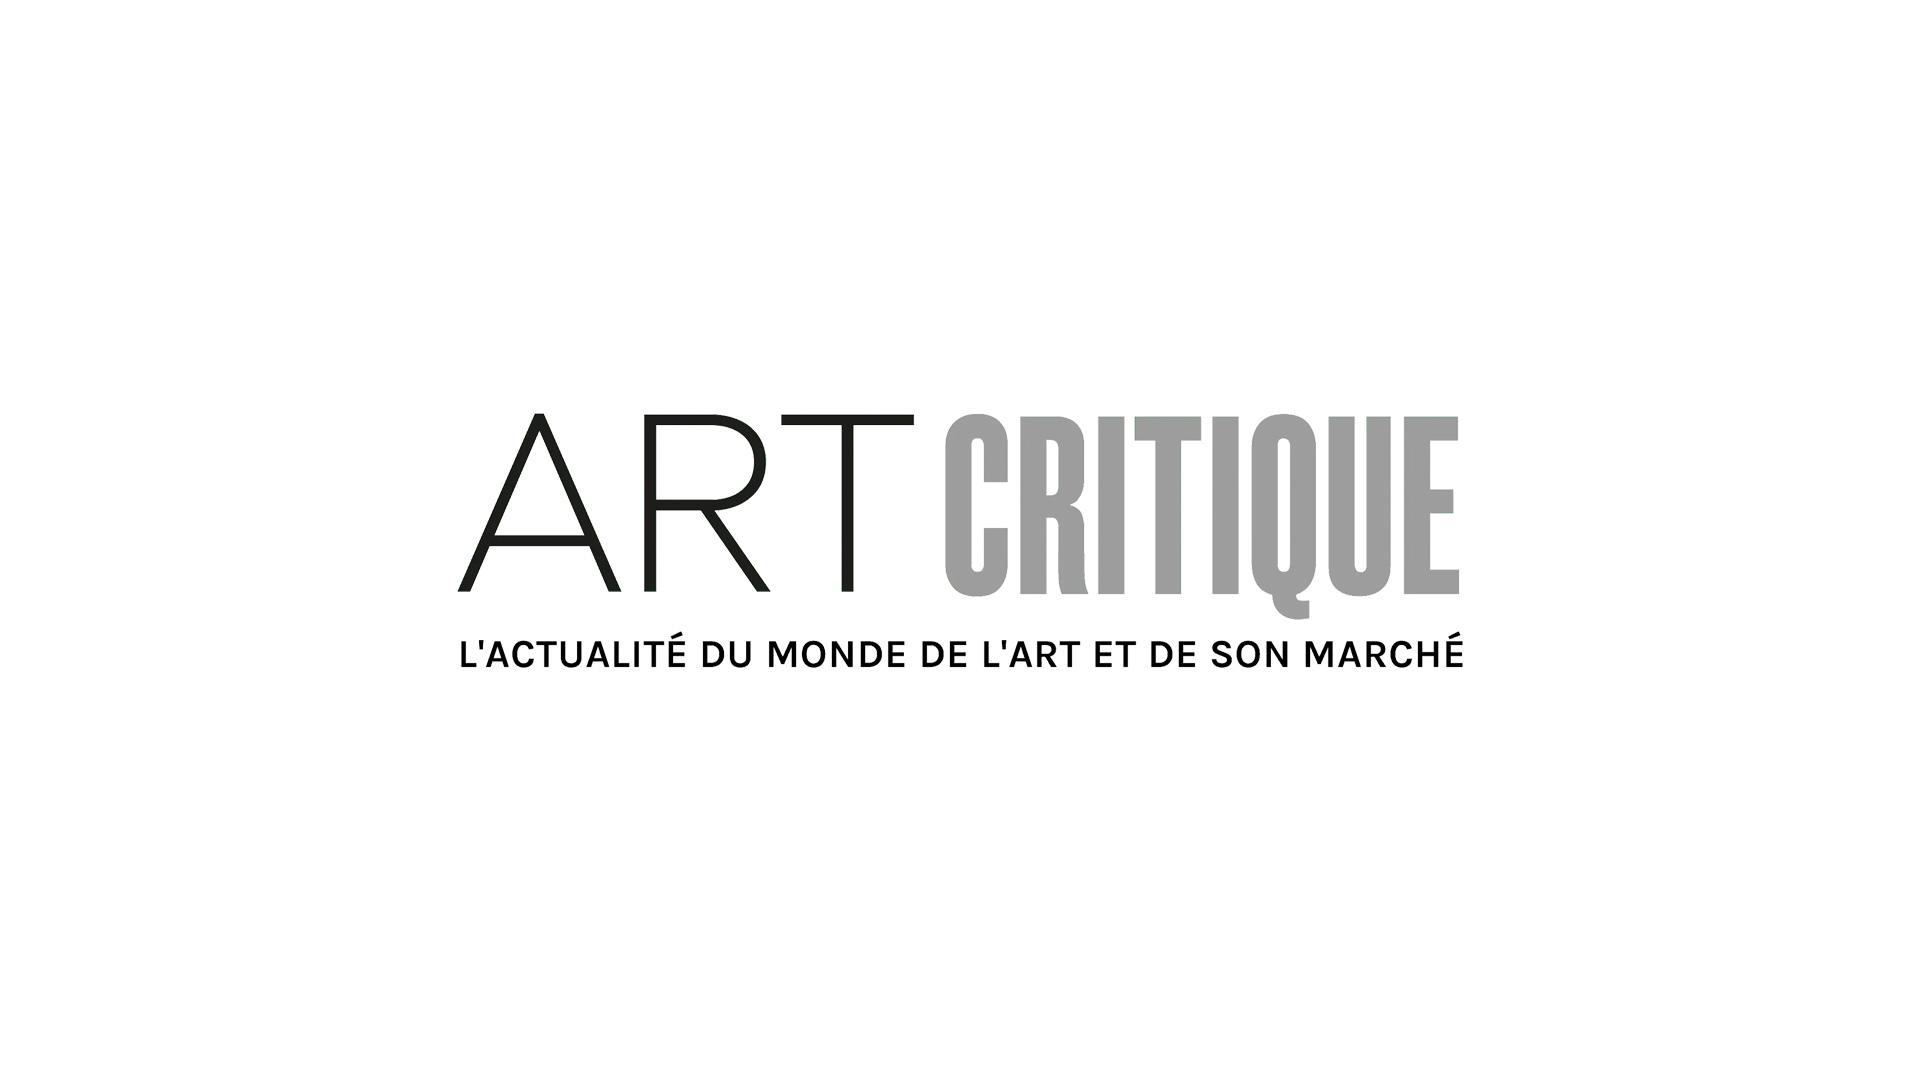 Picasso fait toujours recette!